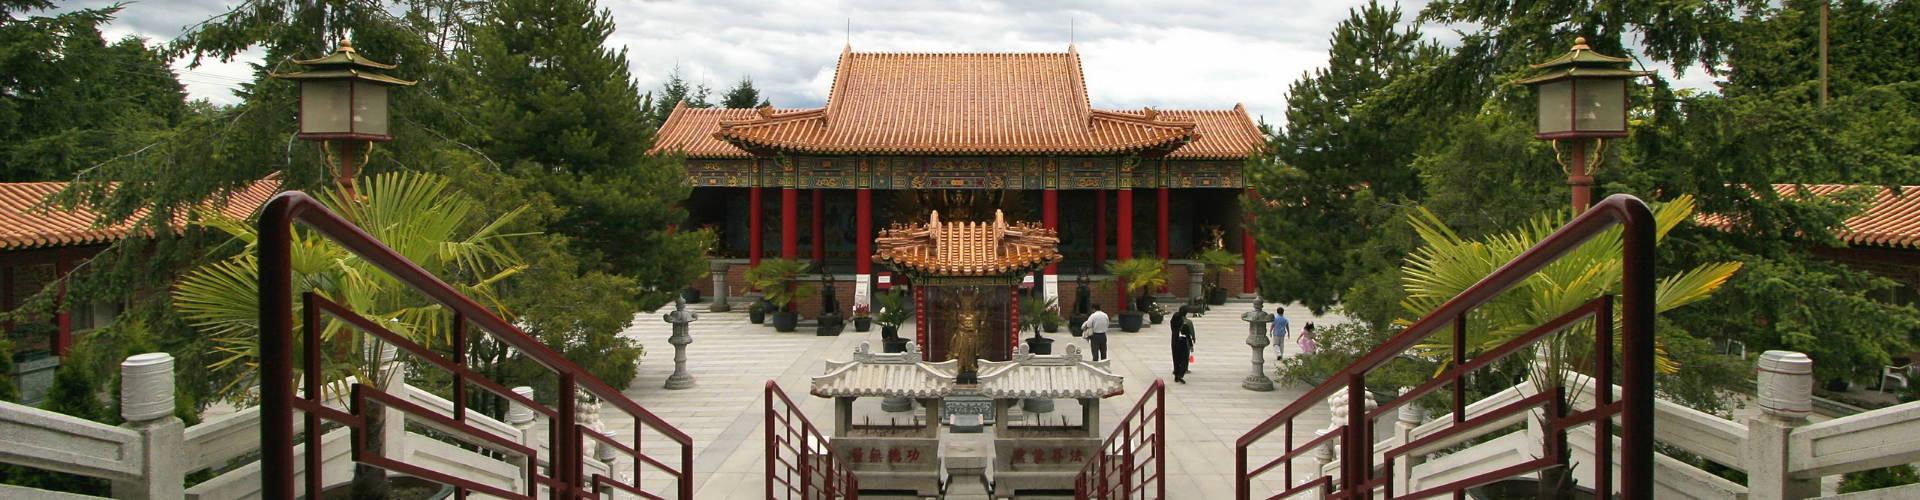 chinese budhist